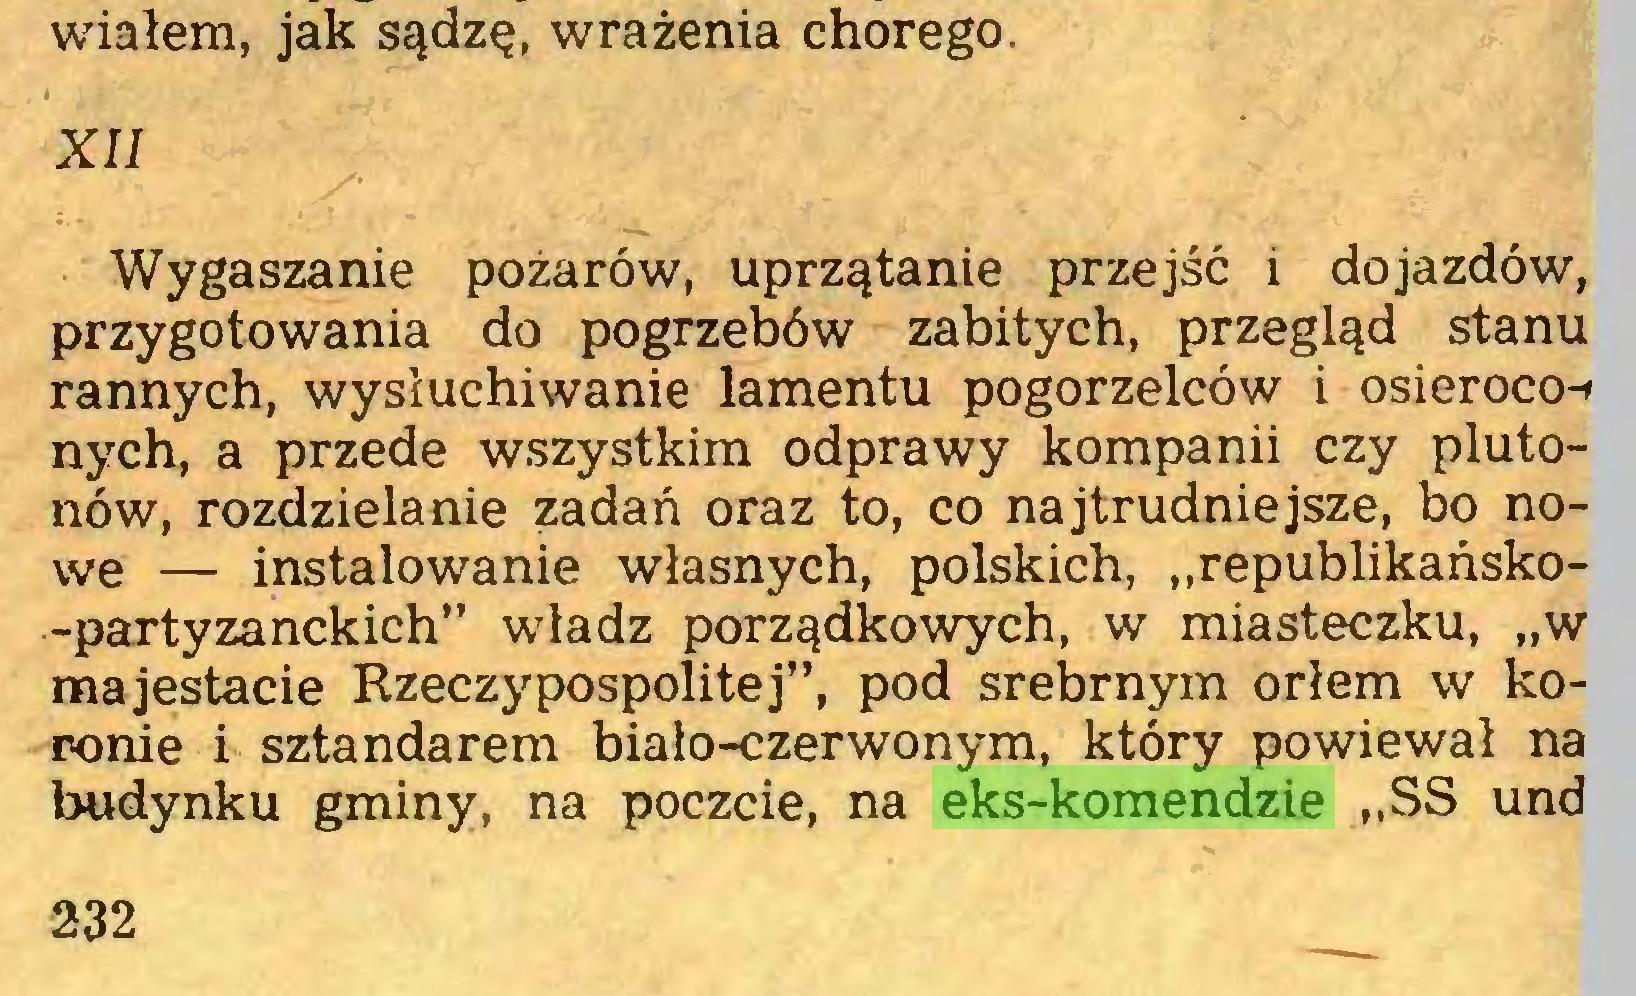 """(...) wiałem, jak sądzę, wrażenia chorego. XII Wygaszanie pożarów, uprzątanie przejść i dojazdów, przygotowania do pogrzebów zabitych, przegląd stanu rannych, wysłuchiwanie lamentu pogorzelców i osieroco-» nych, a przede wszystkim odprawy kompanii czy plutonów, rozdzielanie zadań oraz to, co najtrudniejsze, bo nowe — instalowanie własnych, polskich, """"republikańsko-partyzanckich"""" władz porządkowych, w miasteczku, """"w majestacie Rzeczypospolitej"""", pod srebrnym orłem w koronie i sztandarem biało-czerwonym, który powiewał na budynku gminy, na poczcie, na eks-komendzie """"SS und 232..."""